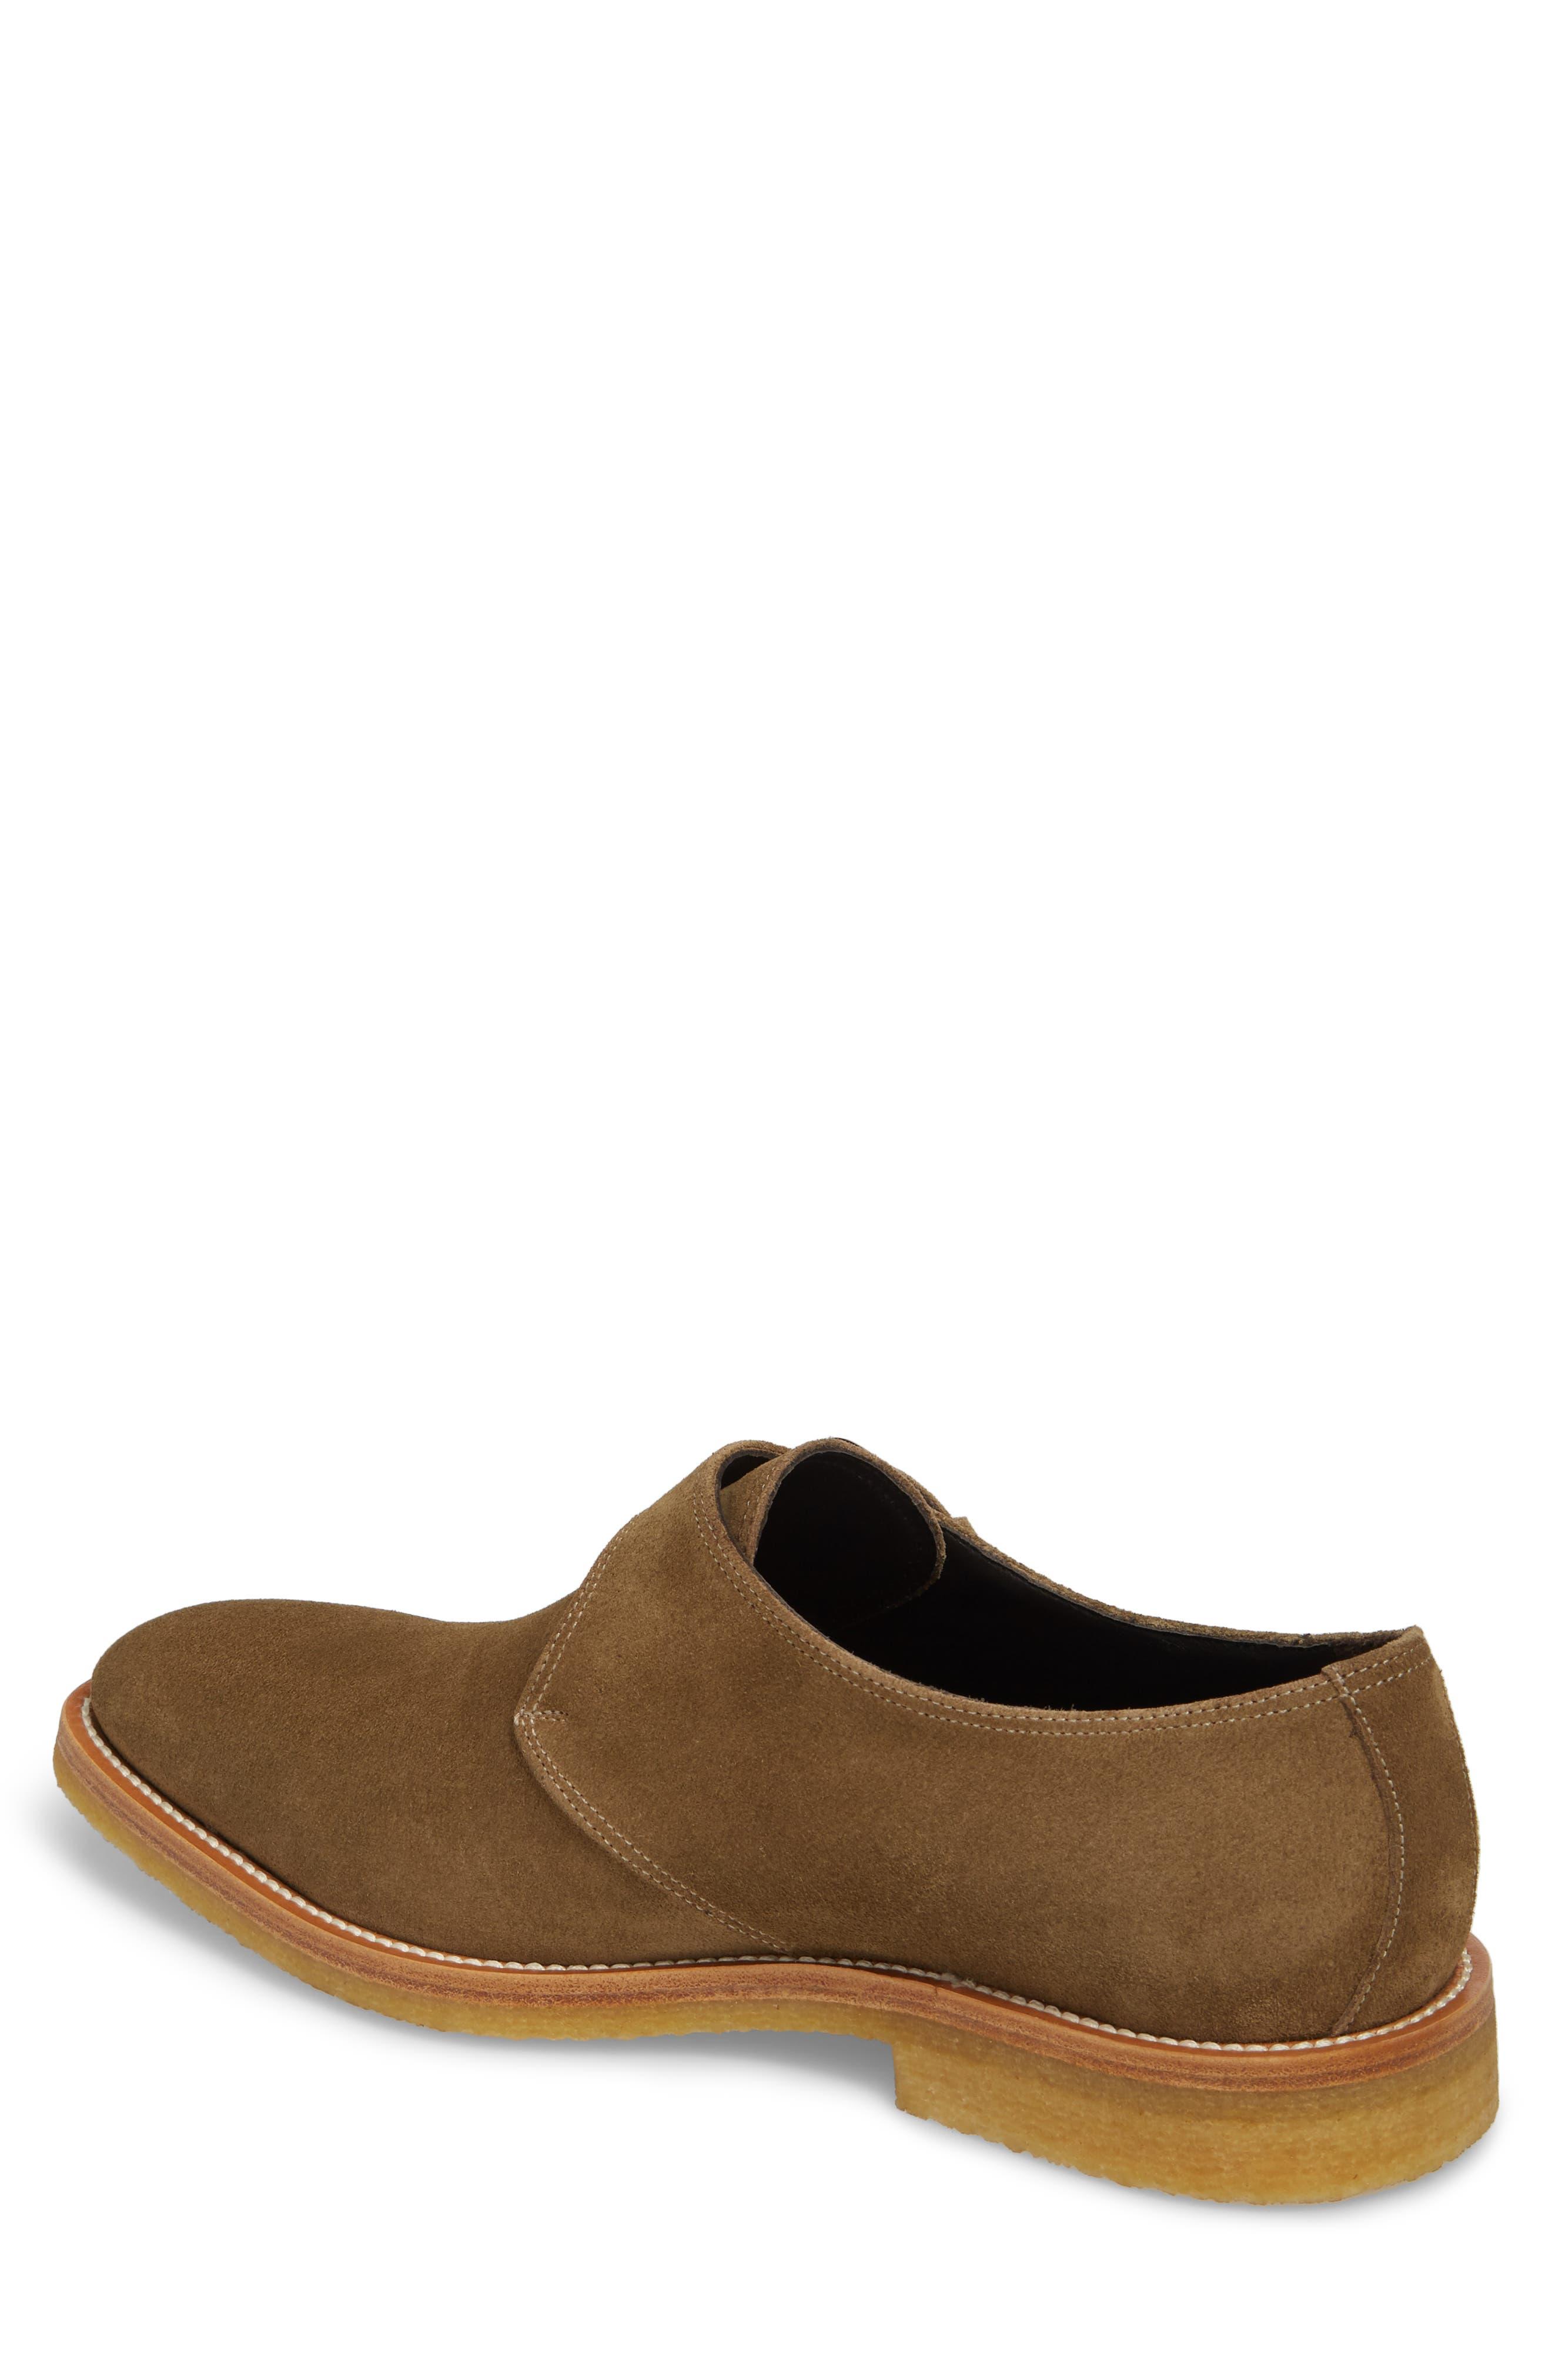 Baldwin Plain Toe Monk Shoe,                             Alternate thumbnail 2, color,                             Taupe Suede